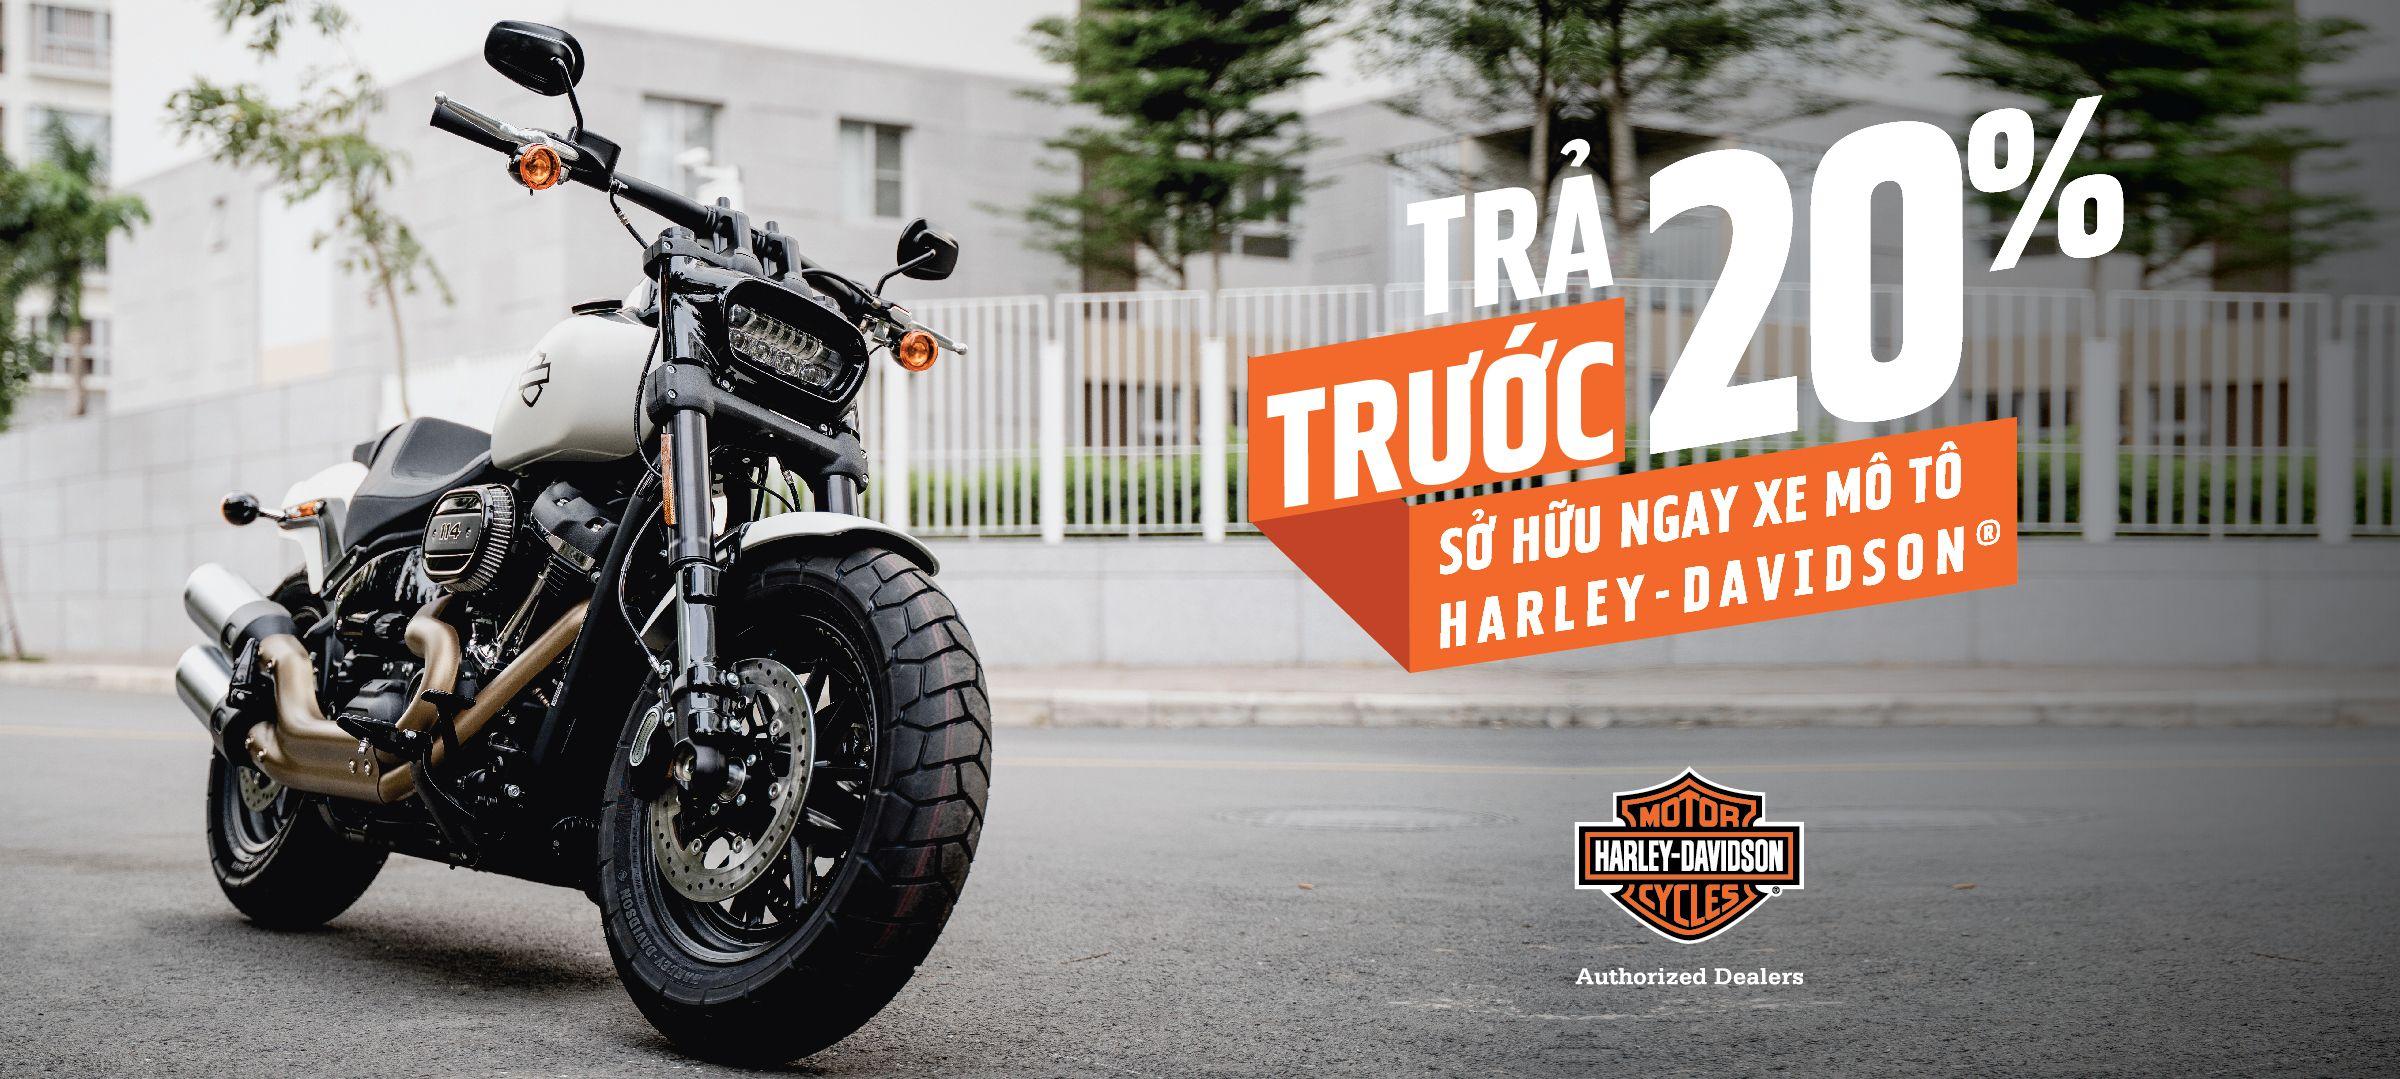 Harley-Davidson® of Saigon, Hanoi, Danang